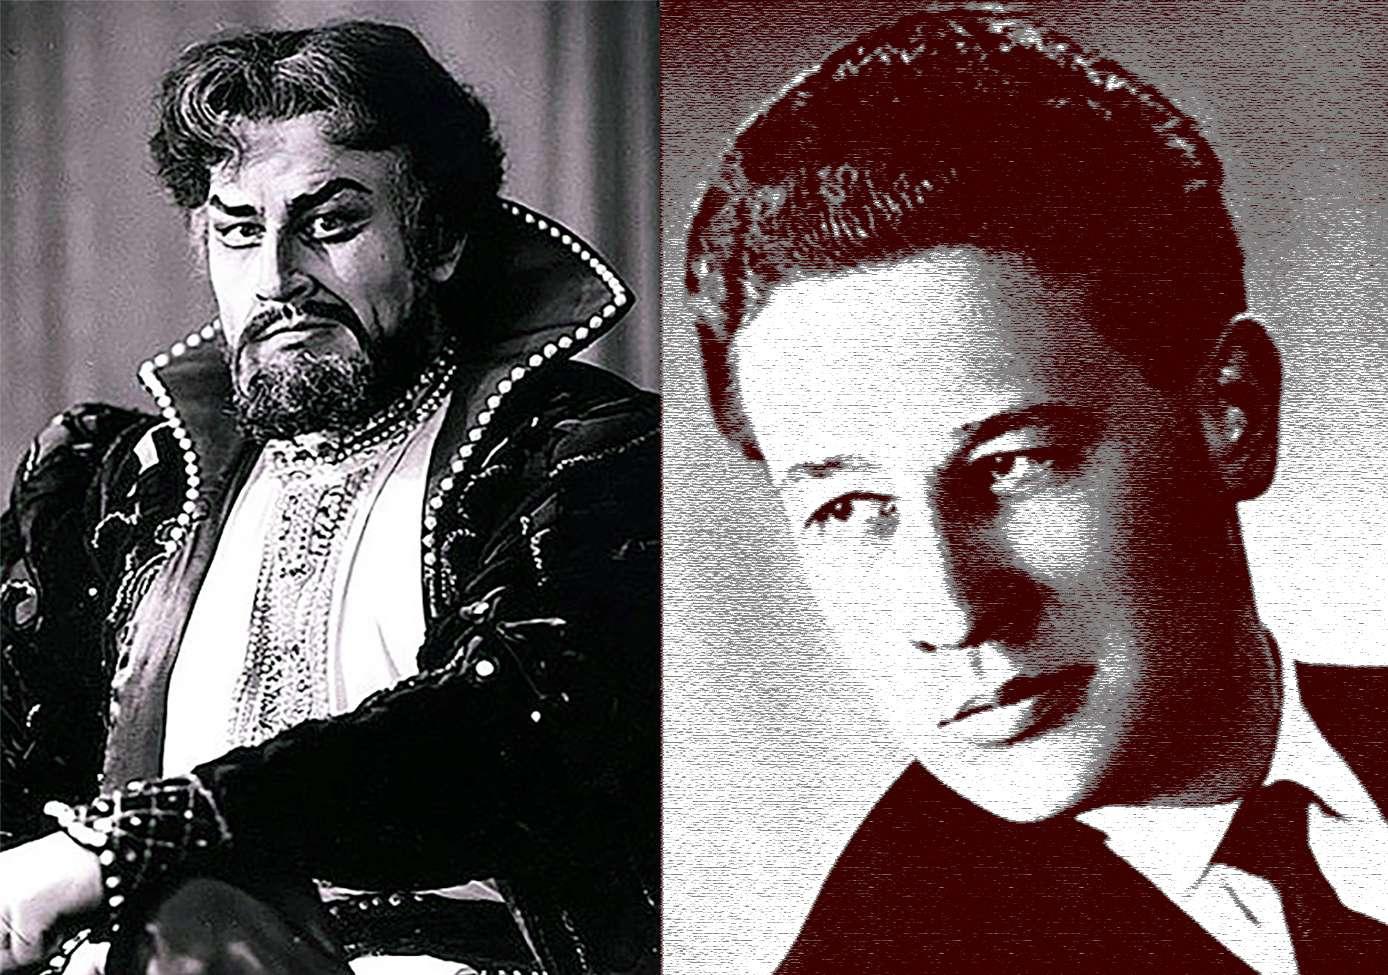 Yevgeny Yevgenievich Nesterenko